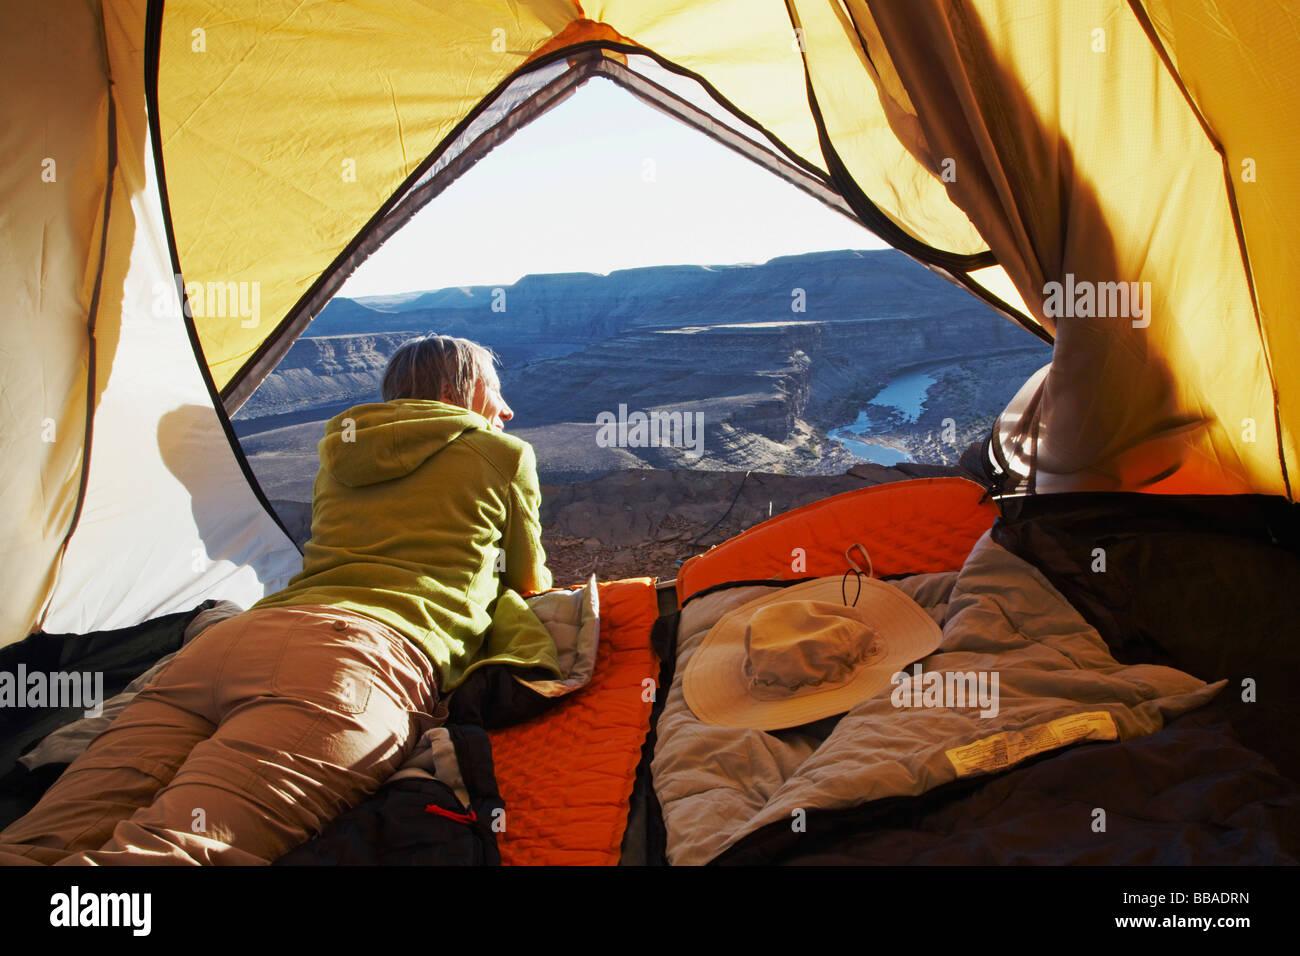 Une femme couchée dans une tente, Horse Shoe Bend, Fish River Canyon, Namibie Photo Stock